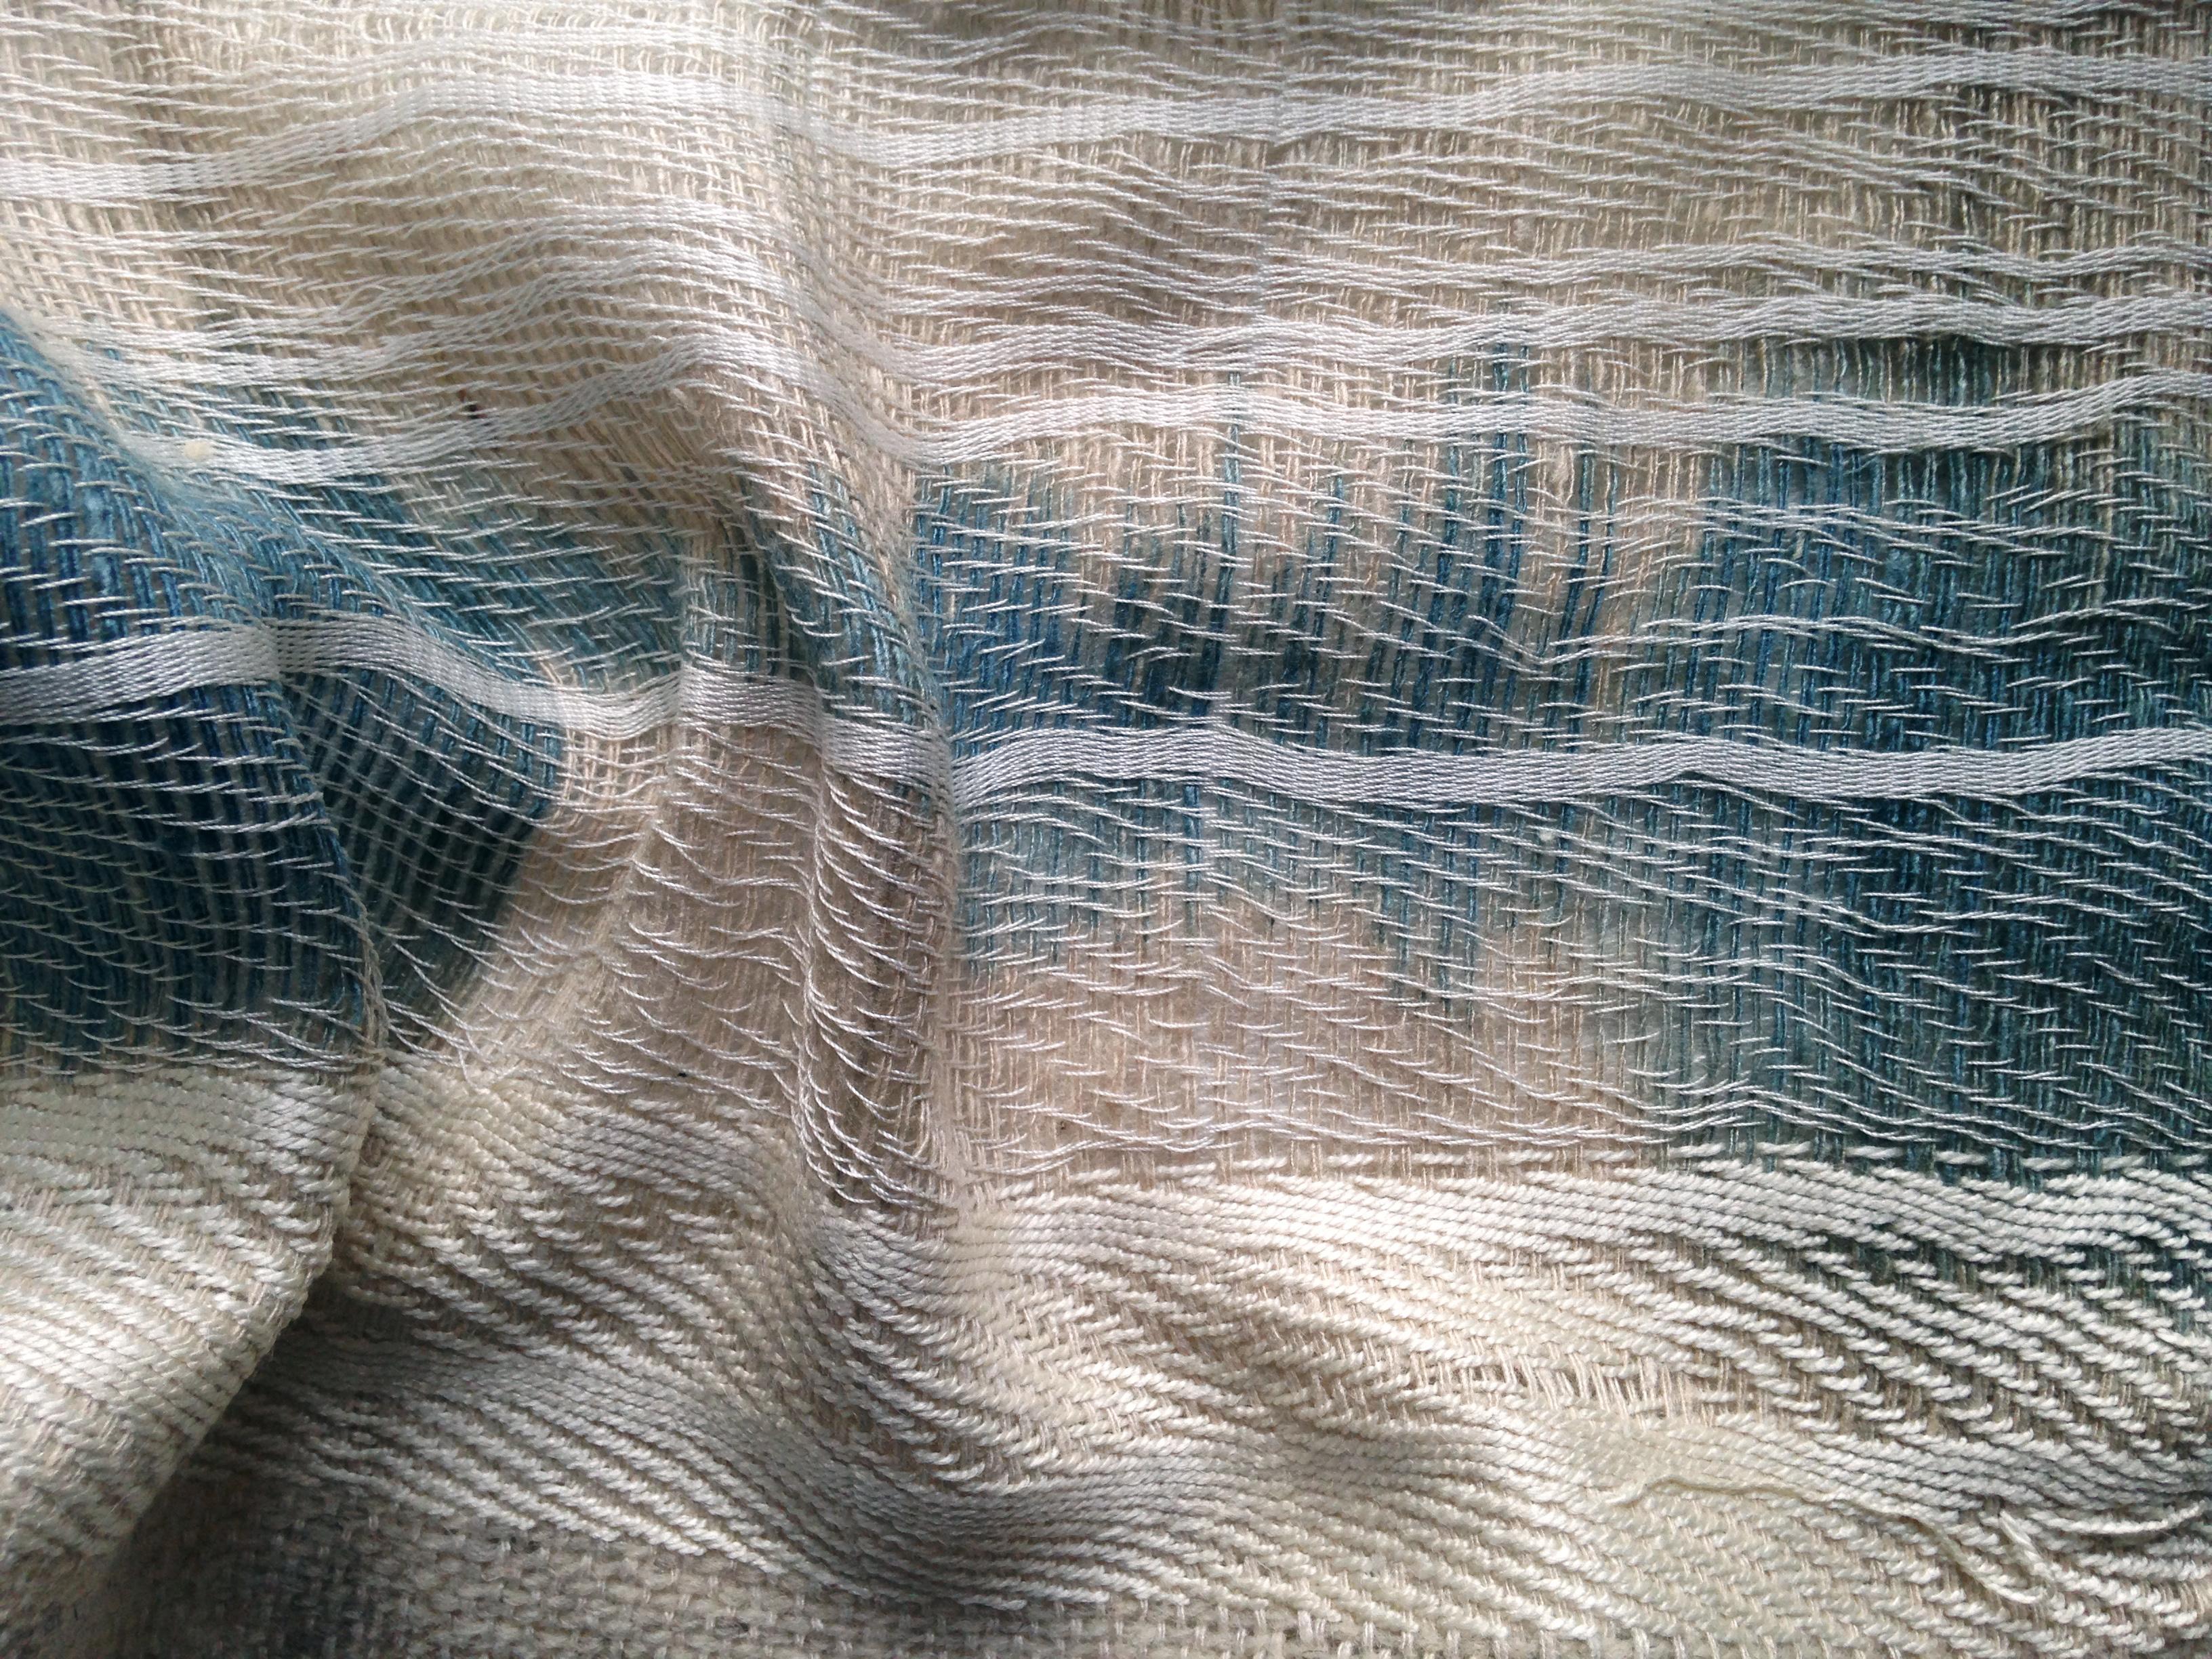 testile soie chanvre lin indigo tissé à la main artisanat d'art luxe haut de gamme loxiale eco design sustainable fashion lucile Drouet